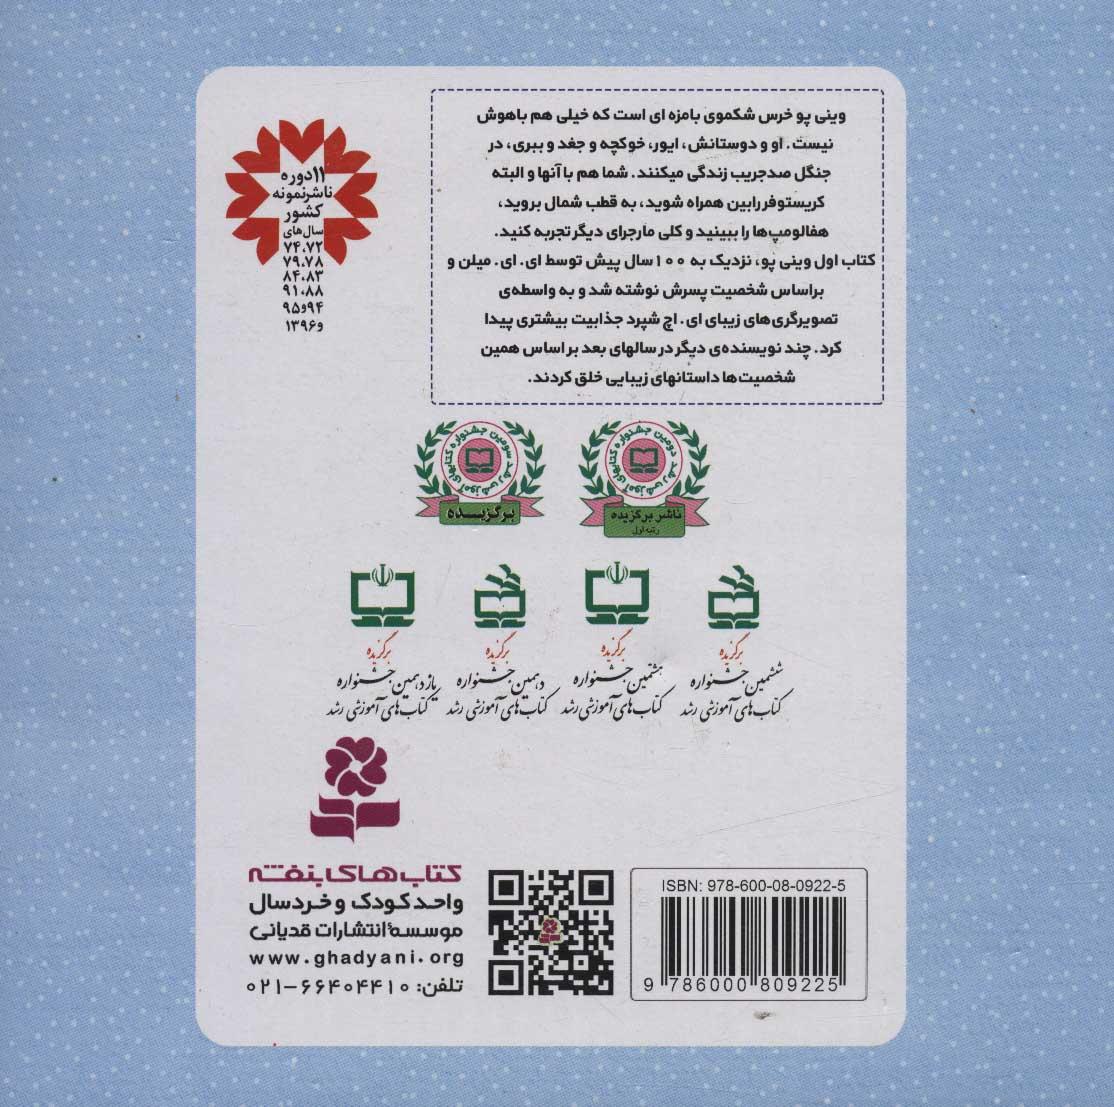 مجموعه قصه های وینی پو (33جلدی،باجعبه)